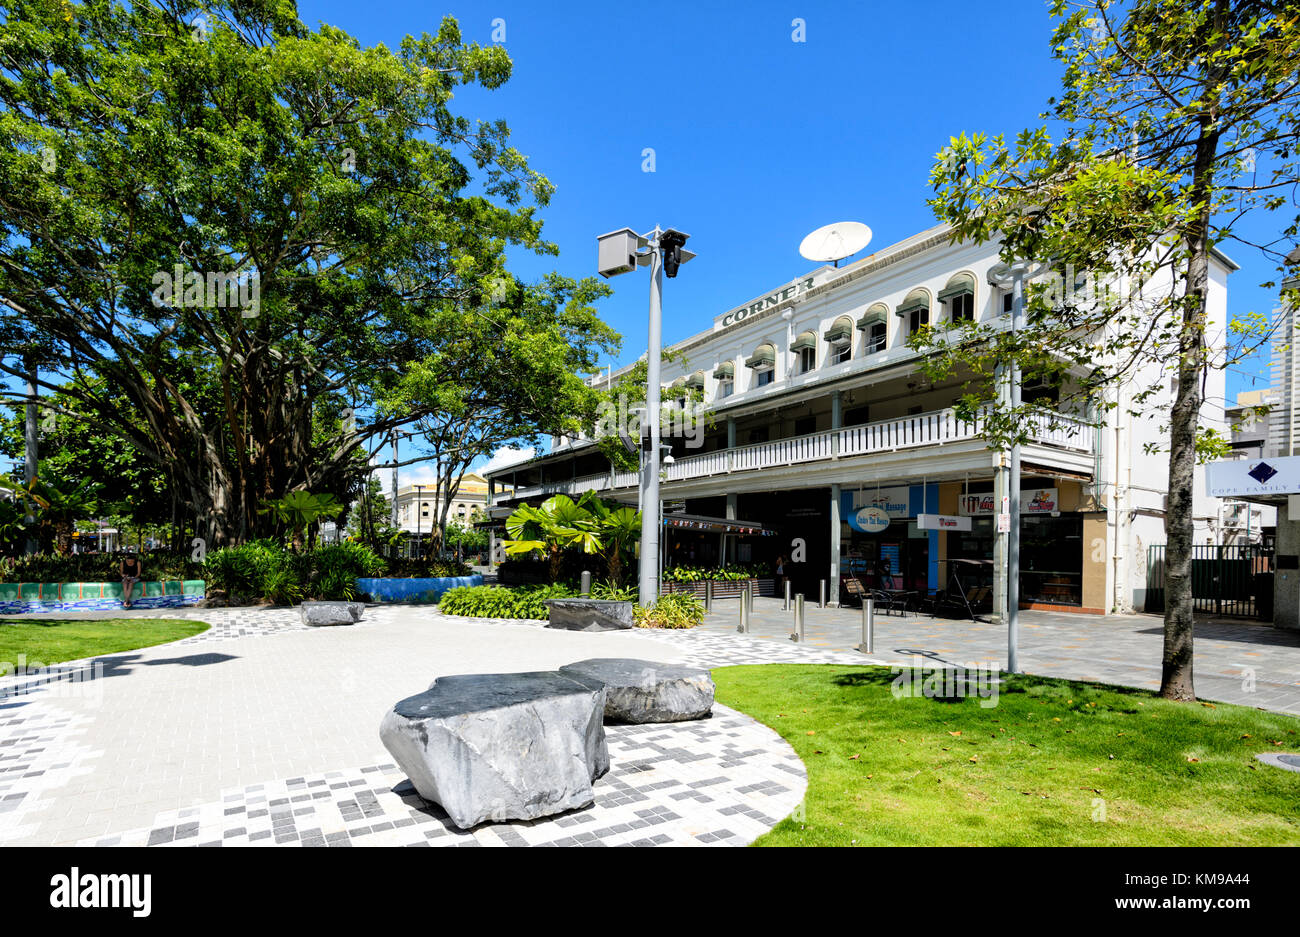 Blendet Ecke Hotel in einem historischen Gebäude, Lake Street, Cairns, Far North Queensland, FNQ, QLD, Australien Stockbild